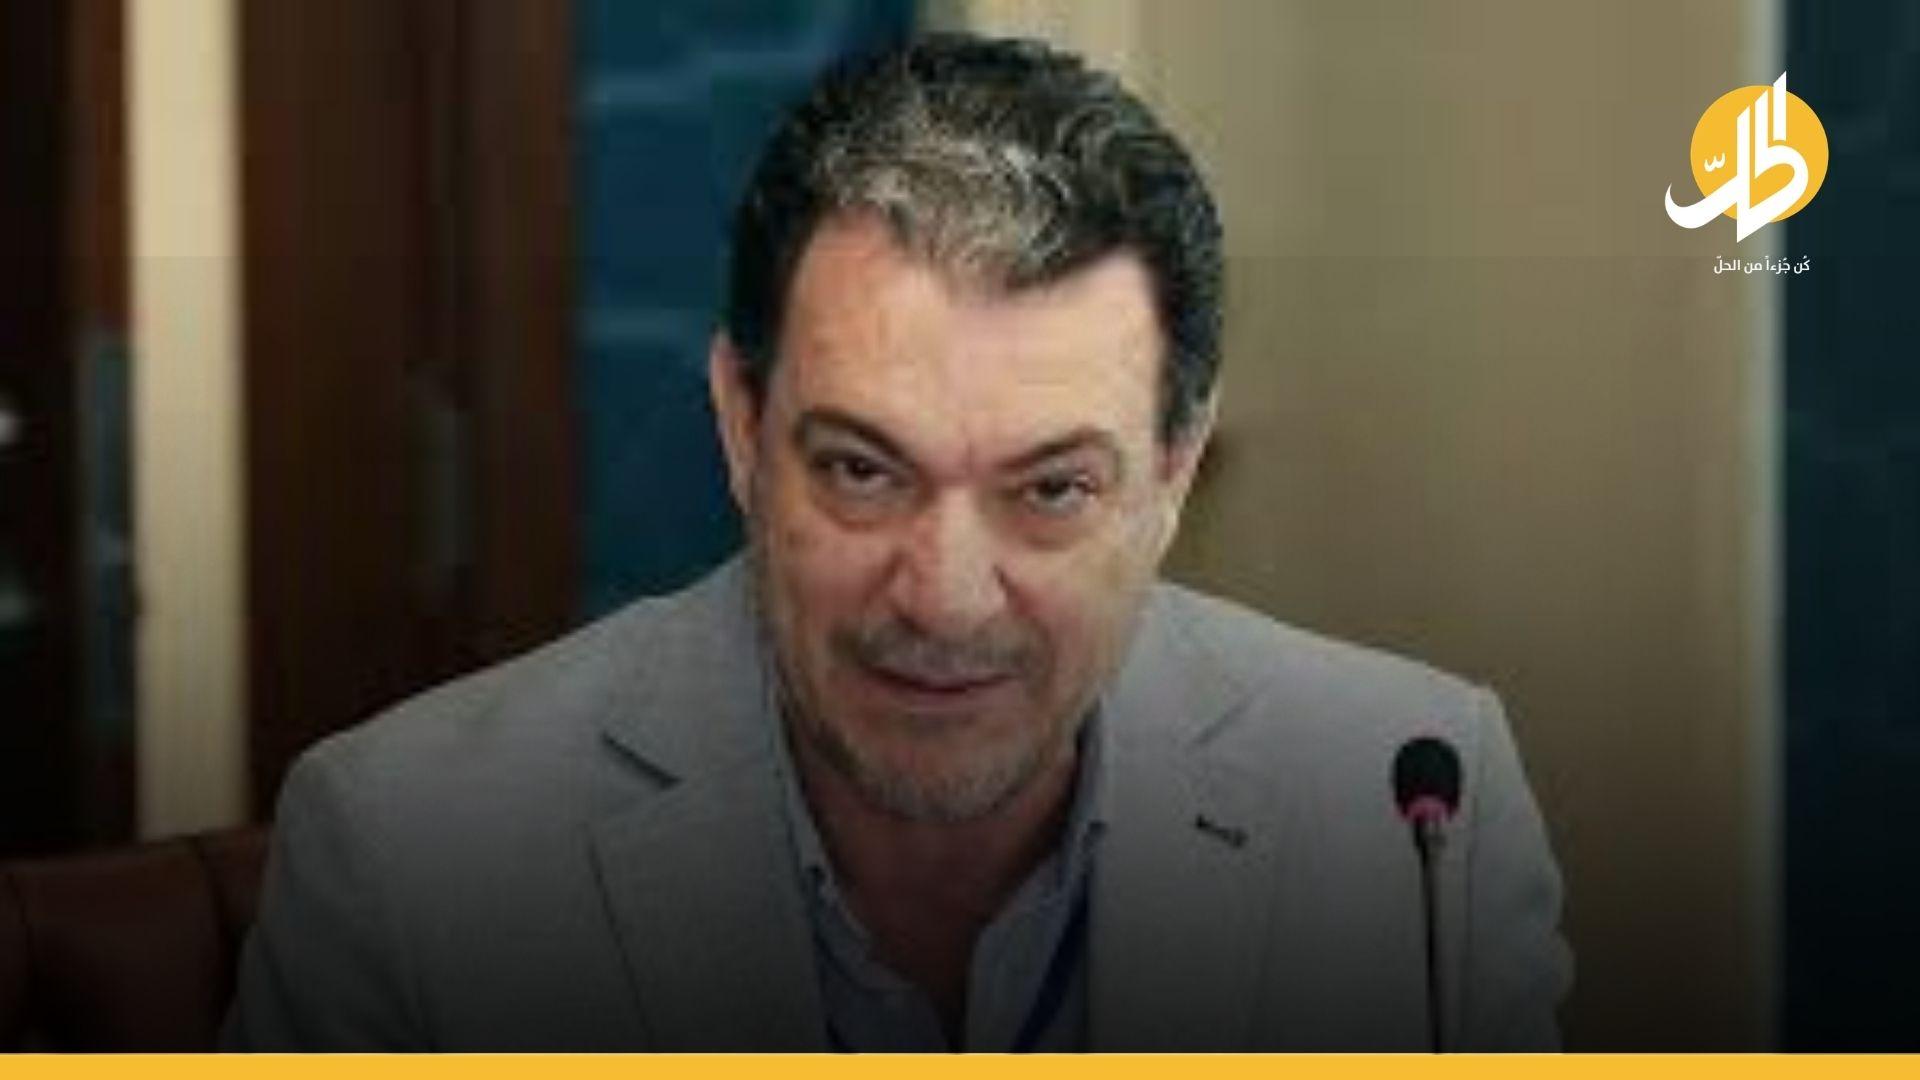 """العراق: أمر قبض بحق """"يحيى الكبيسي"""".. هذا جديد اعتقال """"الصميدعي"""""""